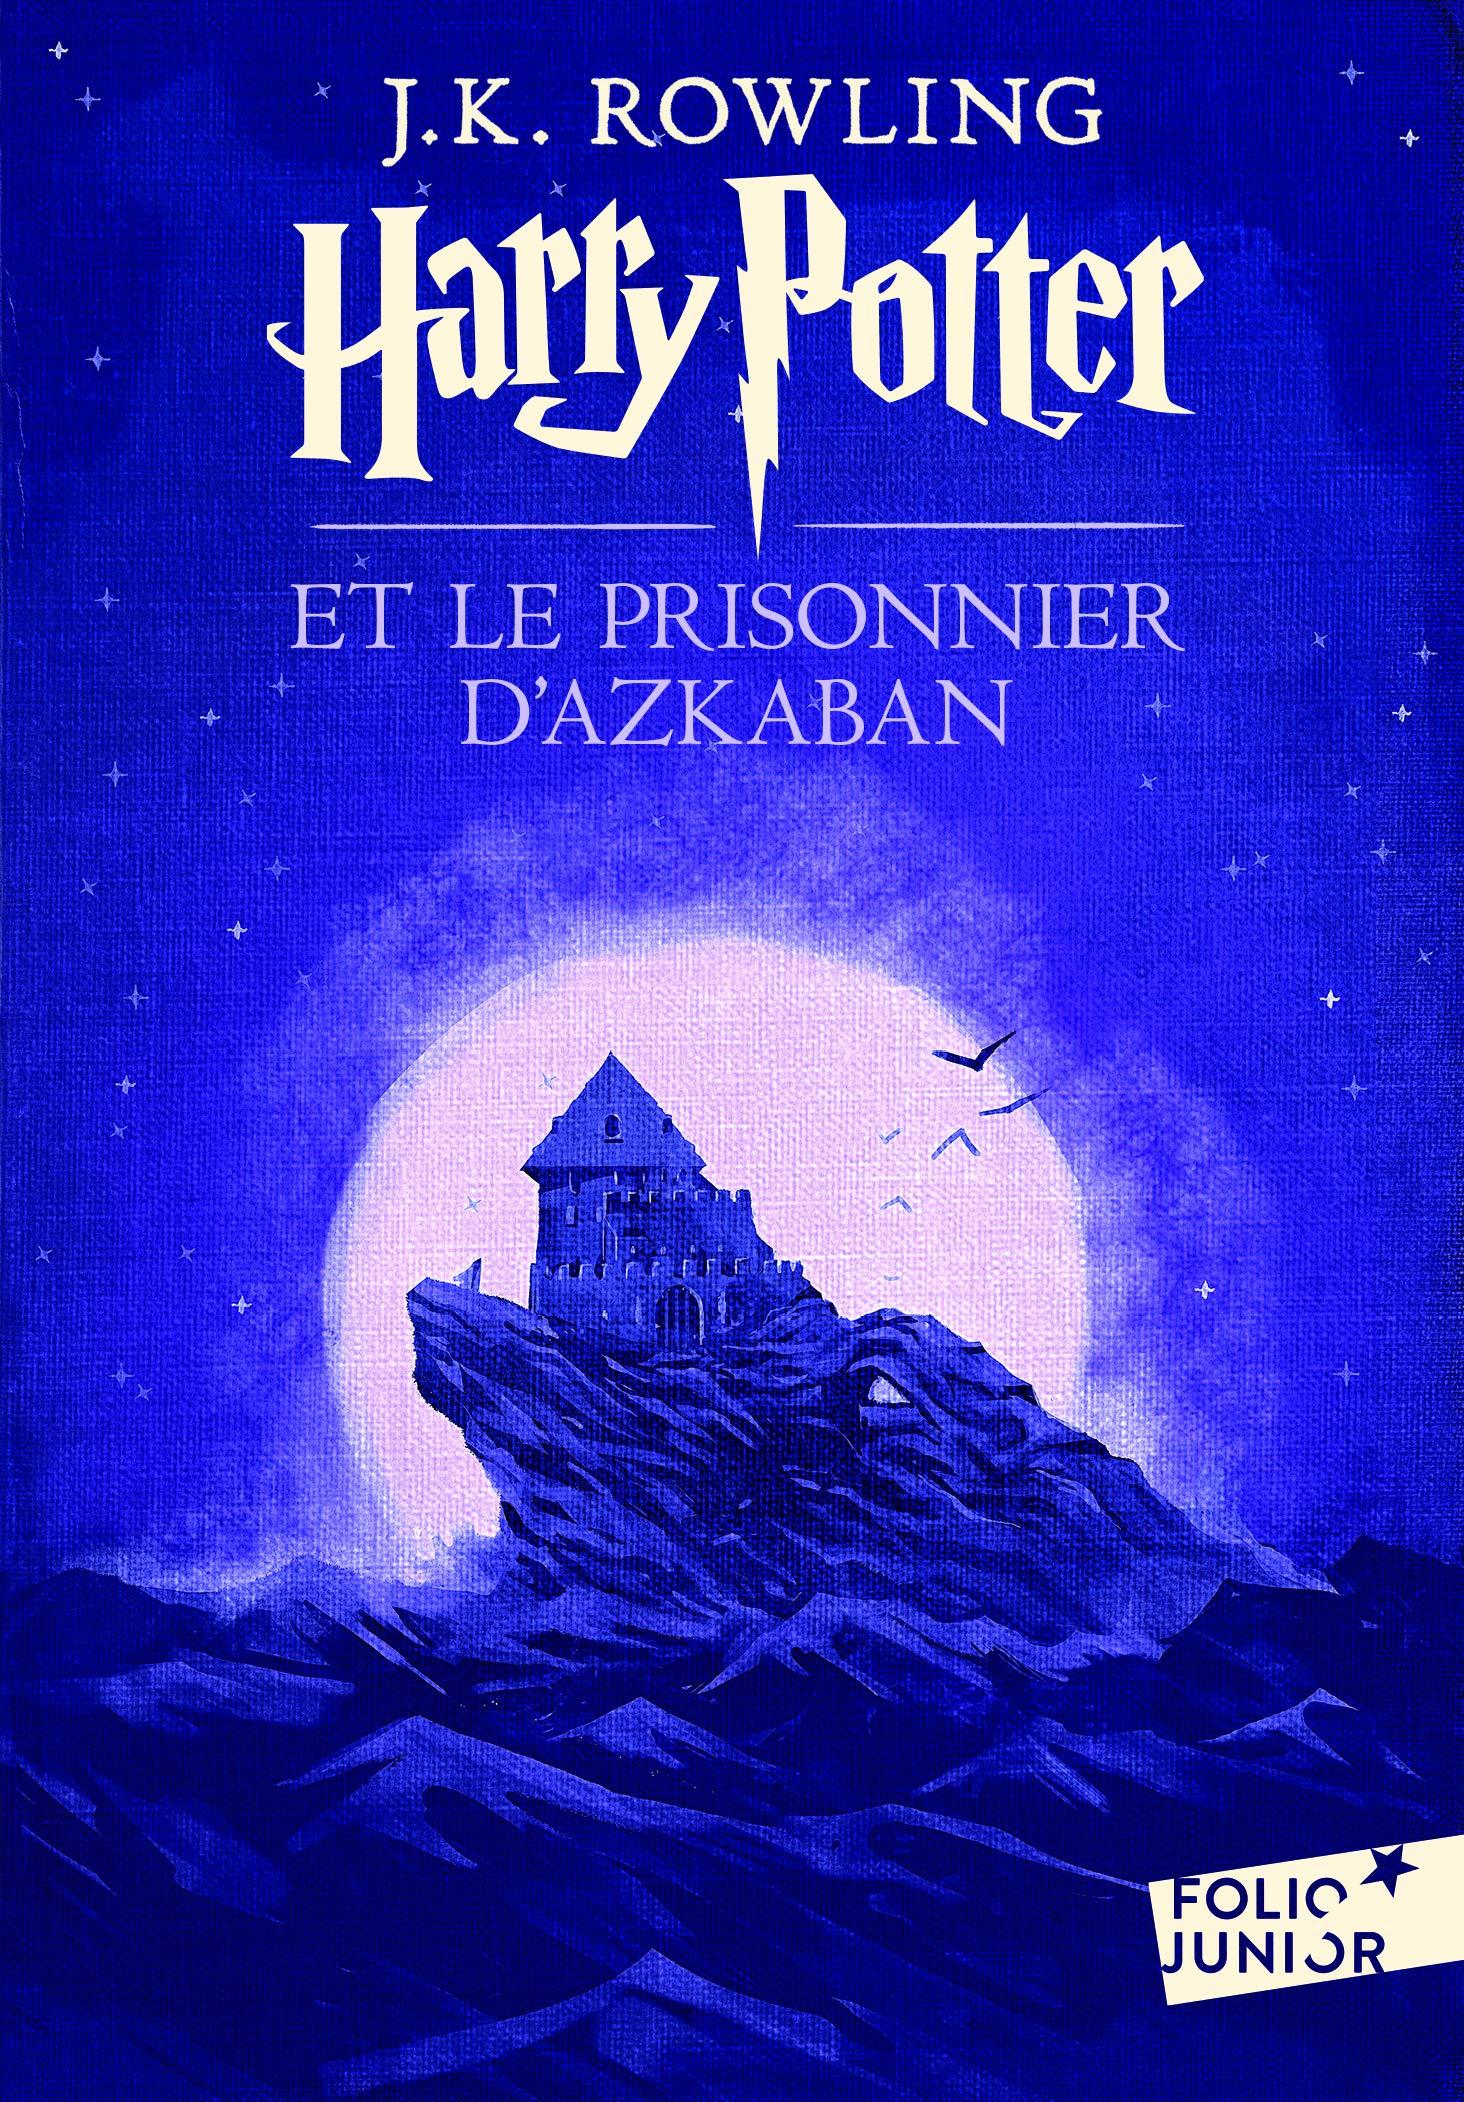 Harry Potter, III : Harry Potter et le prisonnier d'Azkaban